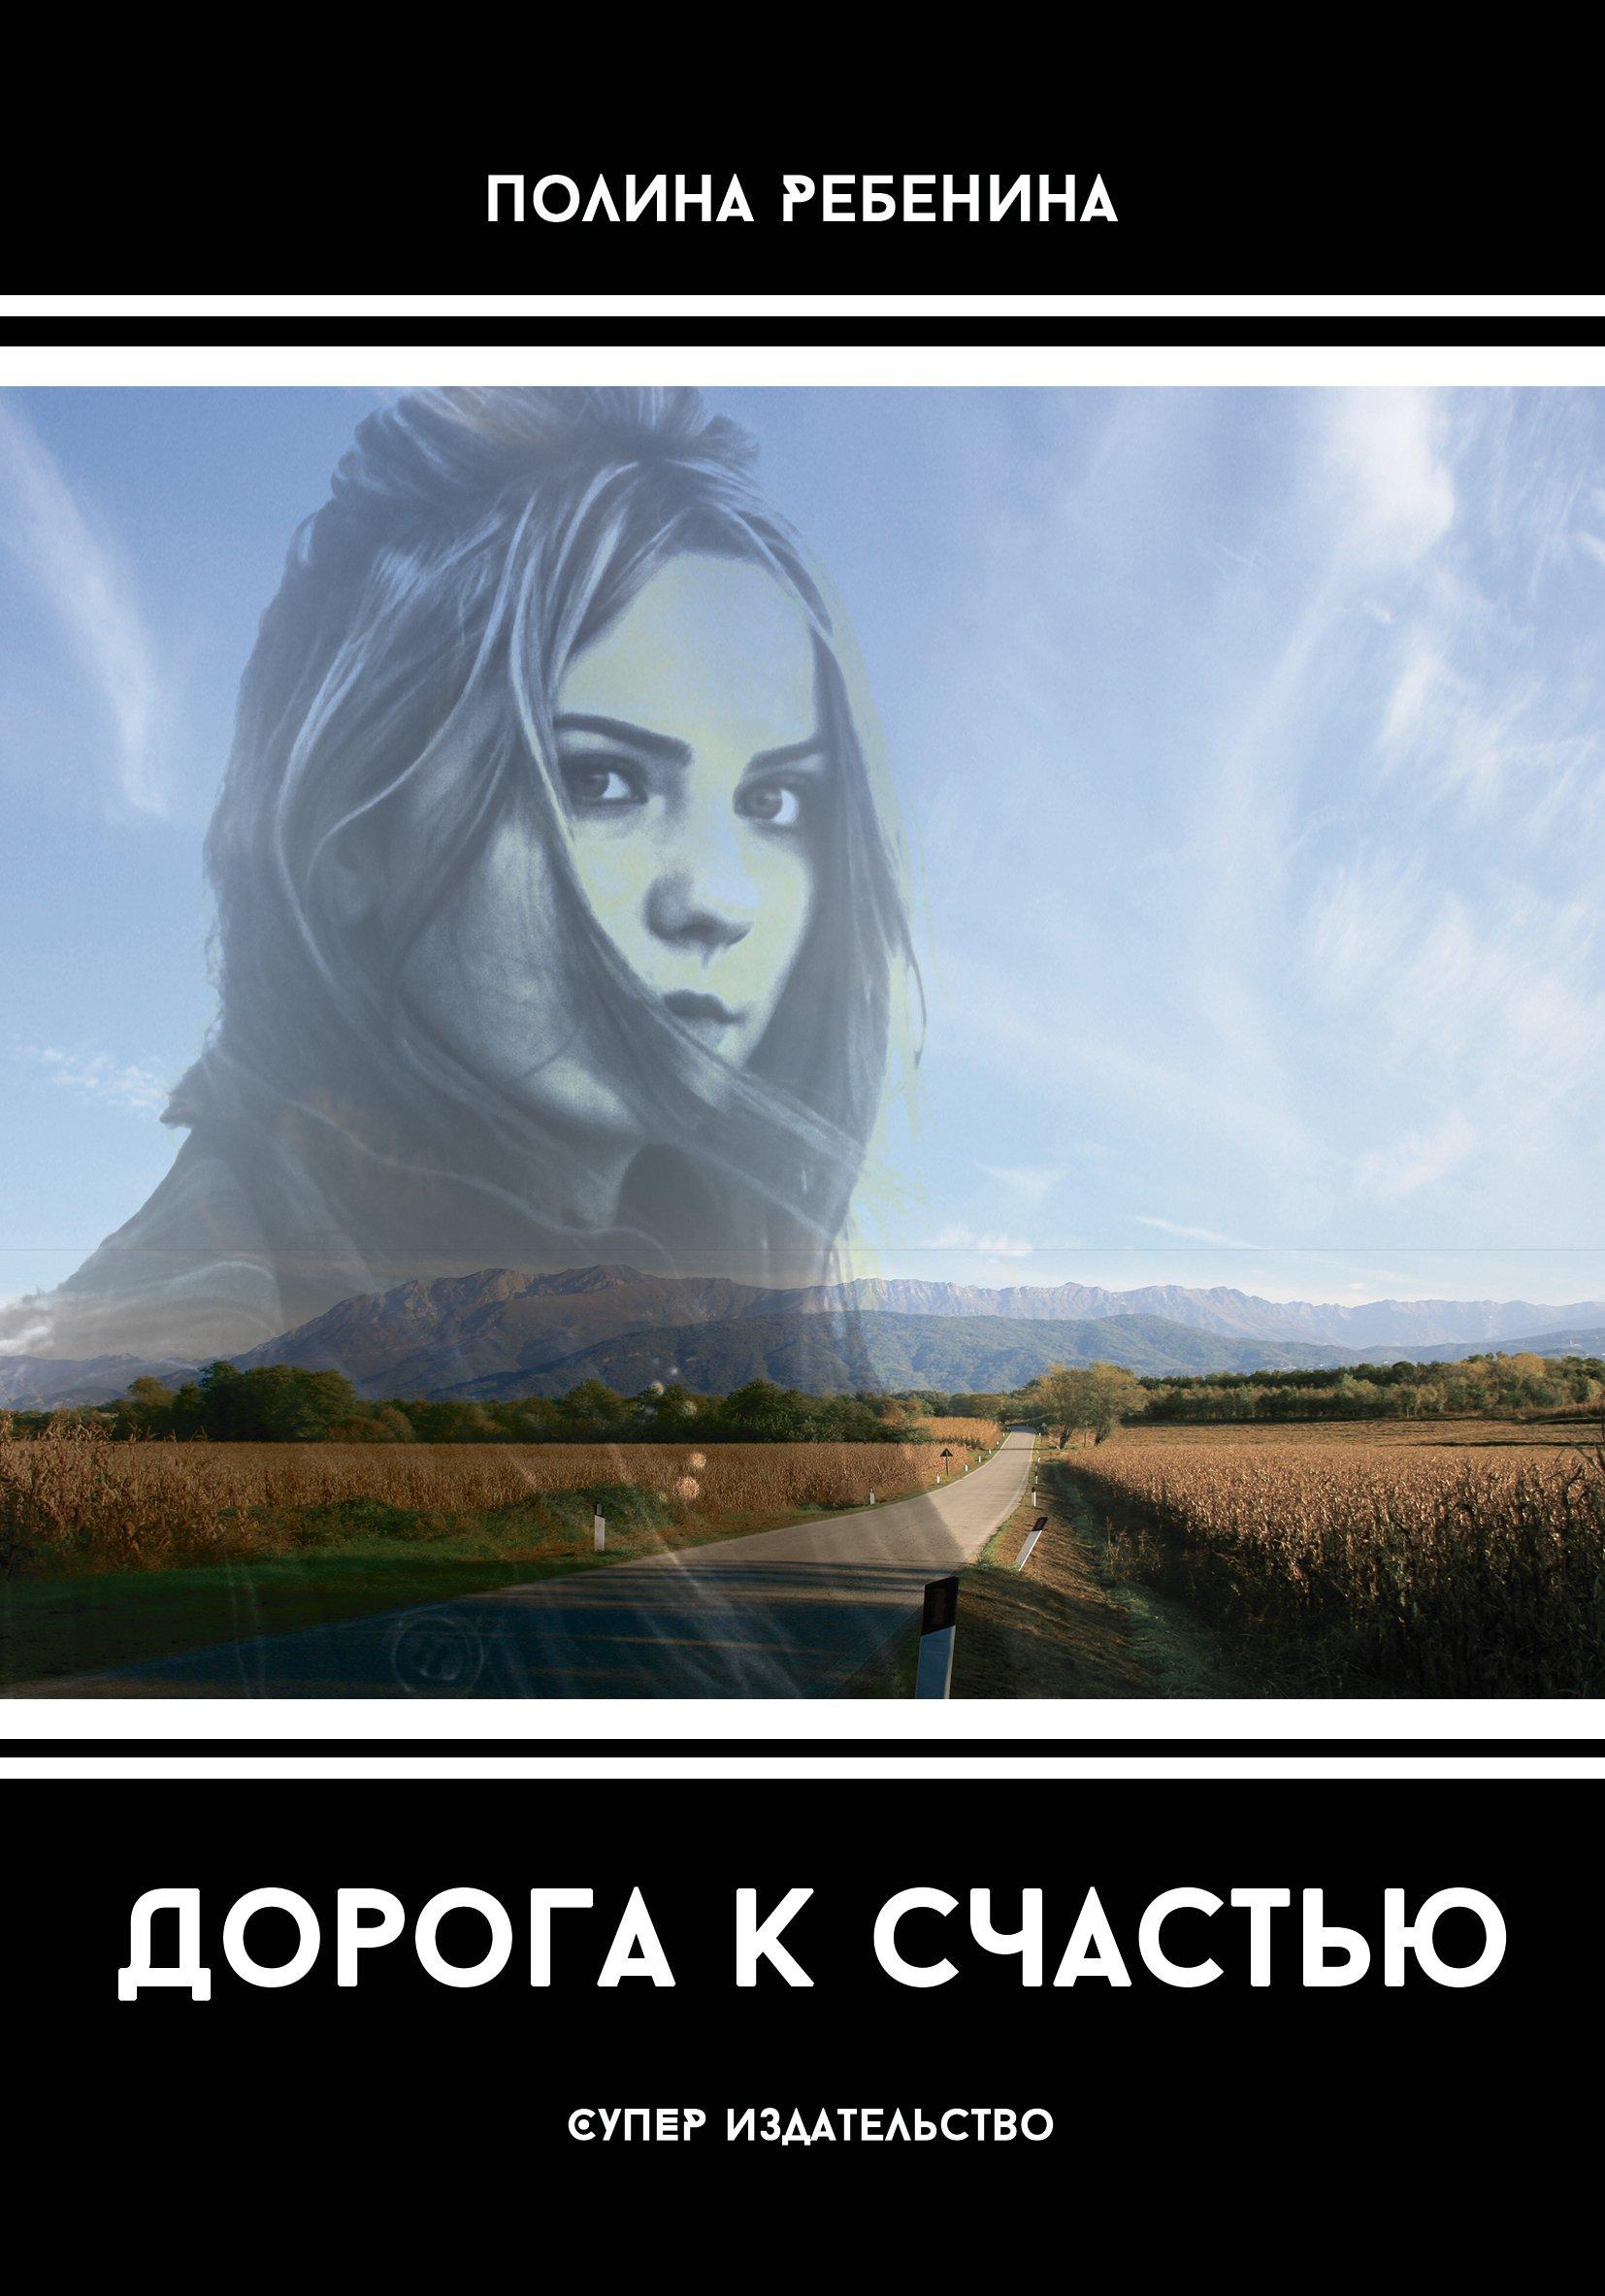 Полина Ребенина Дорога к счастью (сборник) энас книга фонарщик повесть дорога к счастью